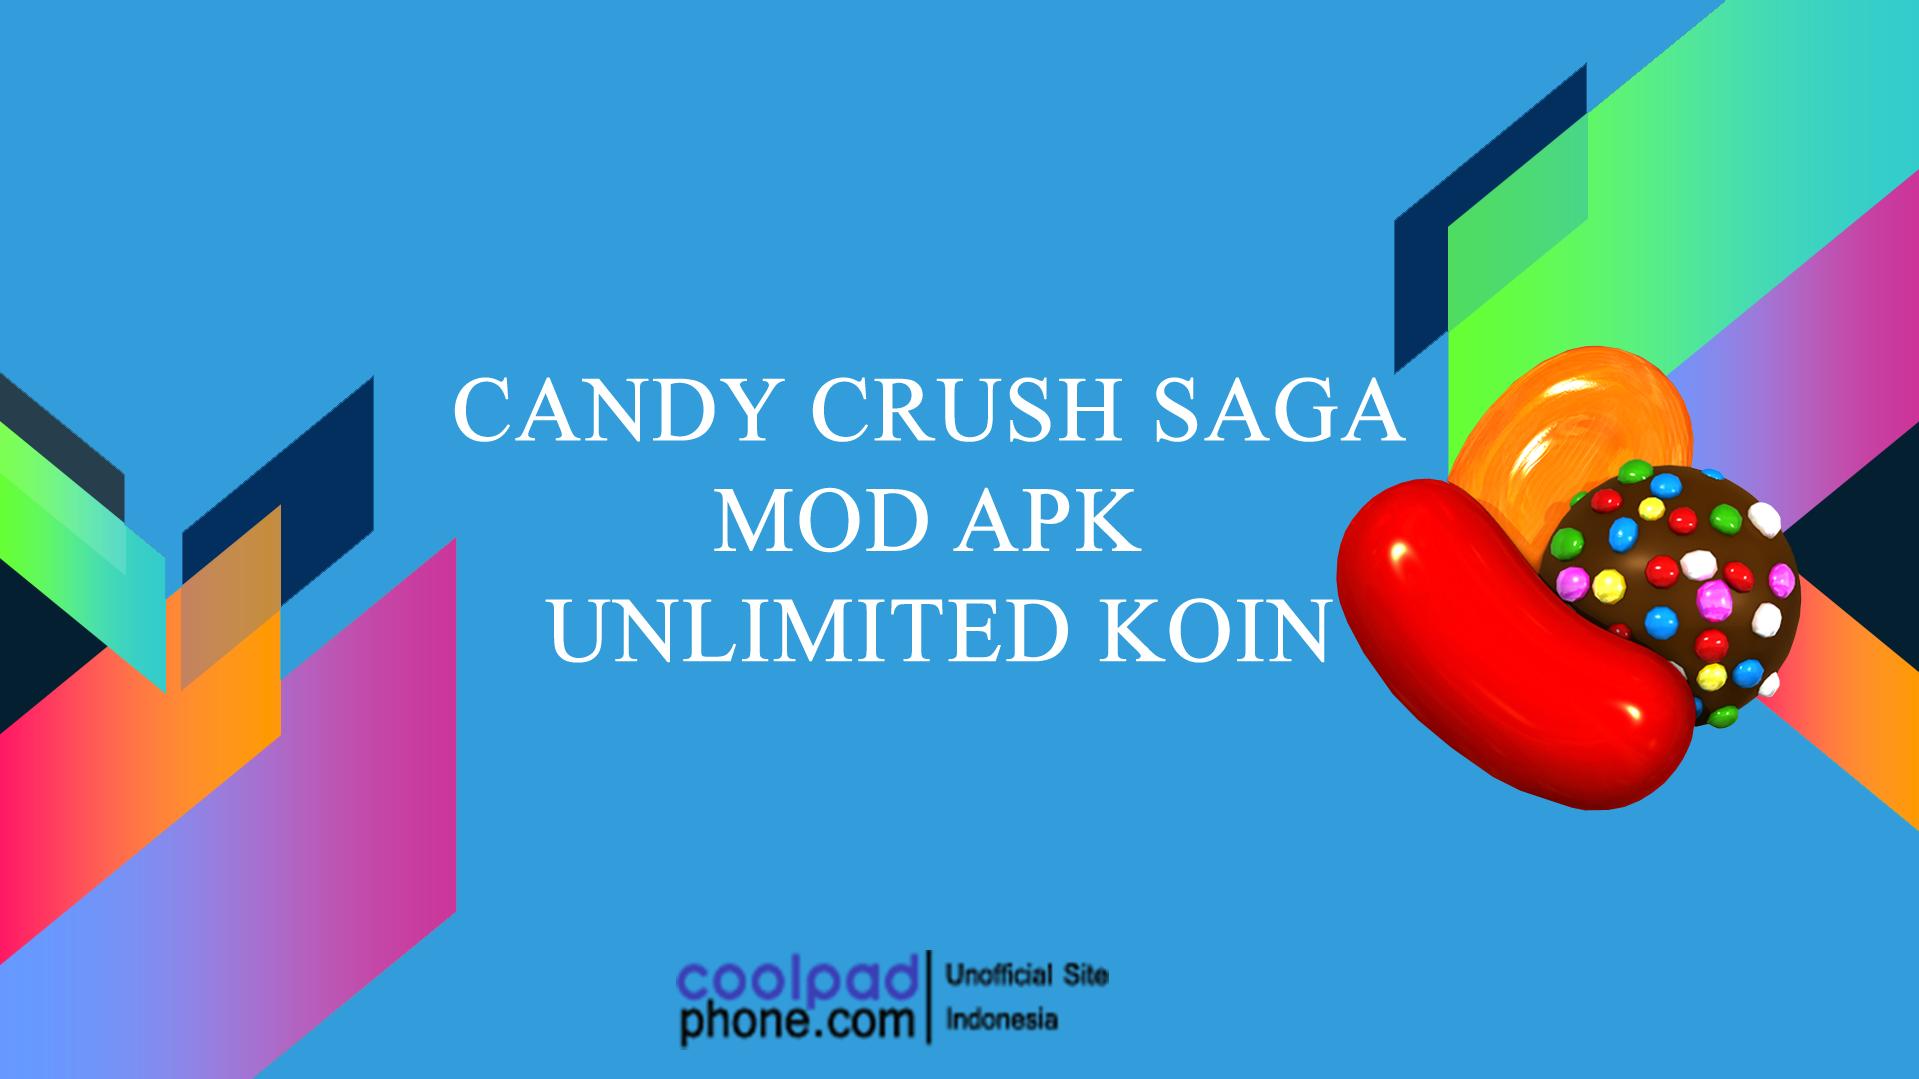 Candy Crush Saga Mod Apk Unlimited Koin